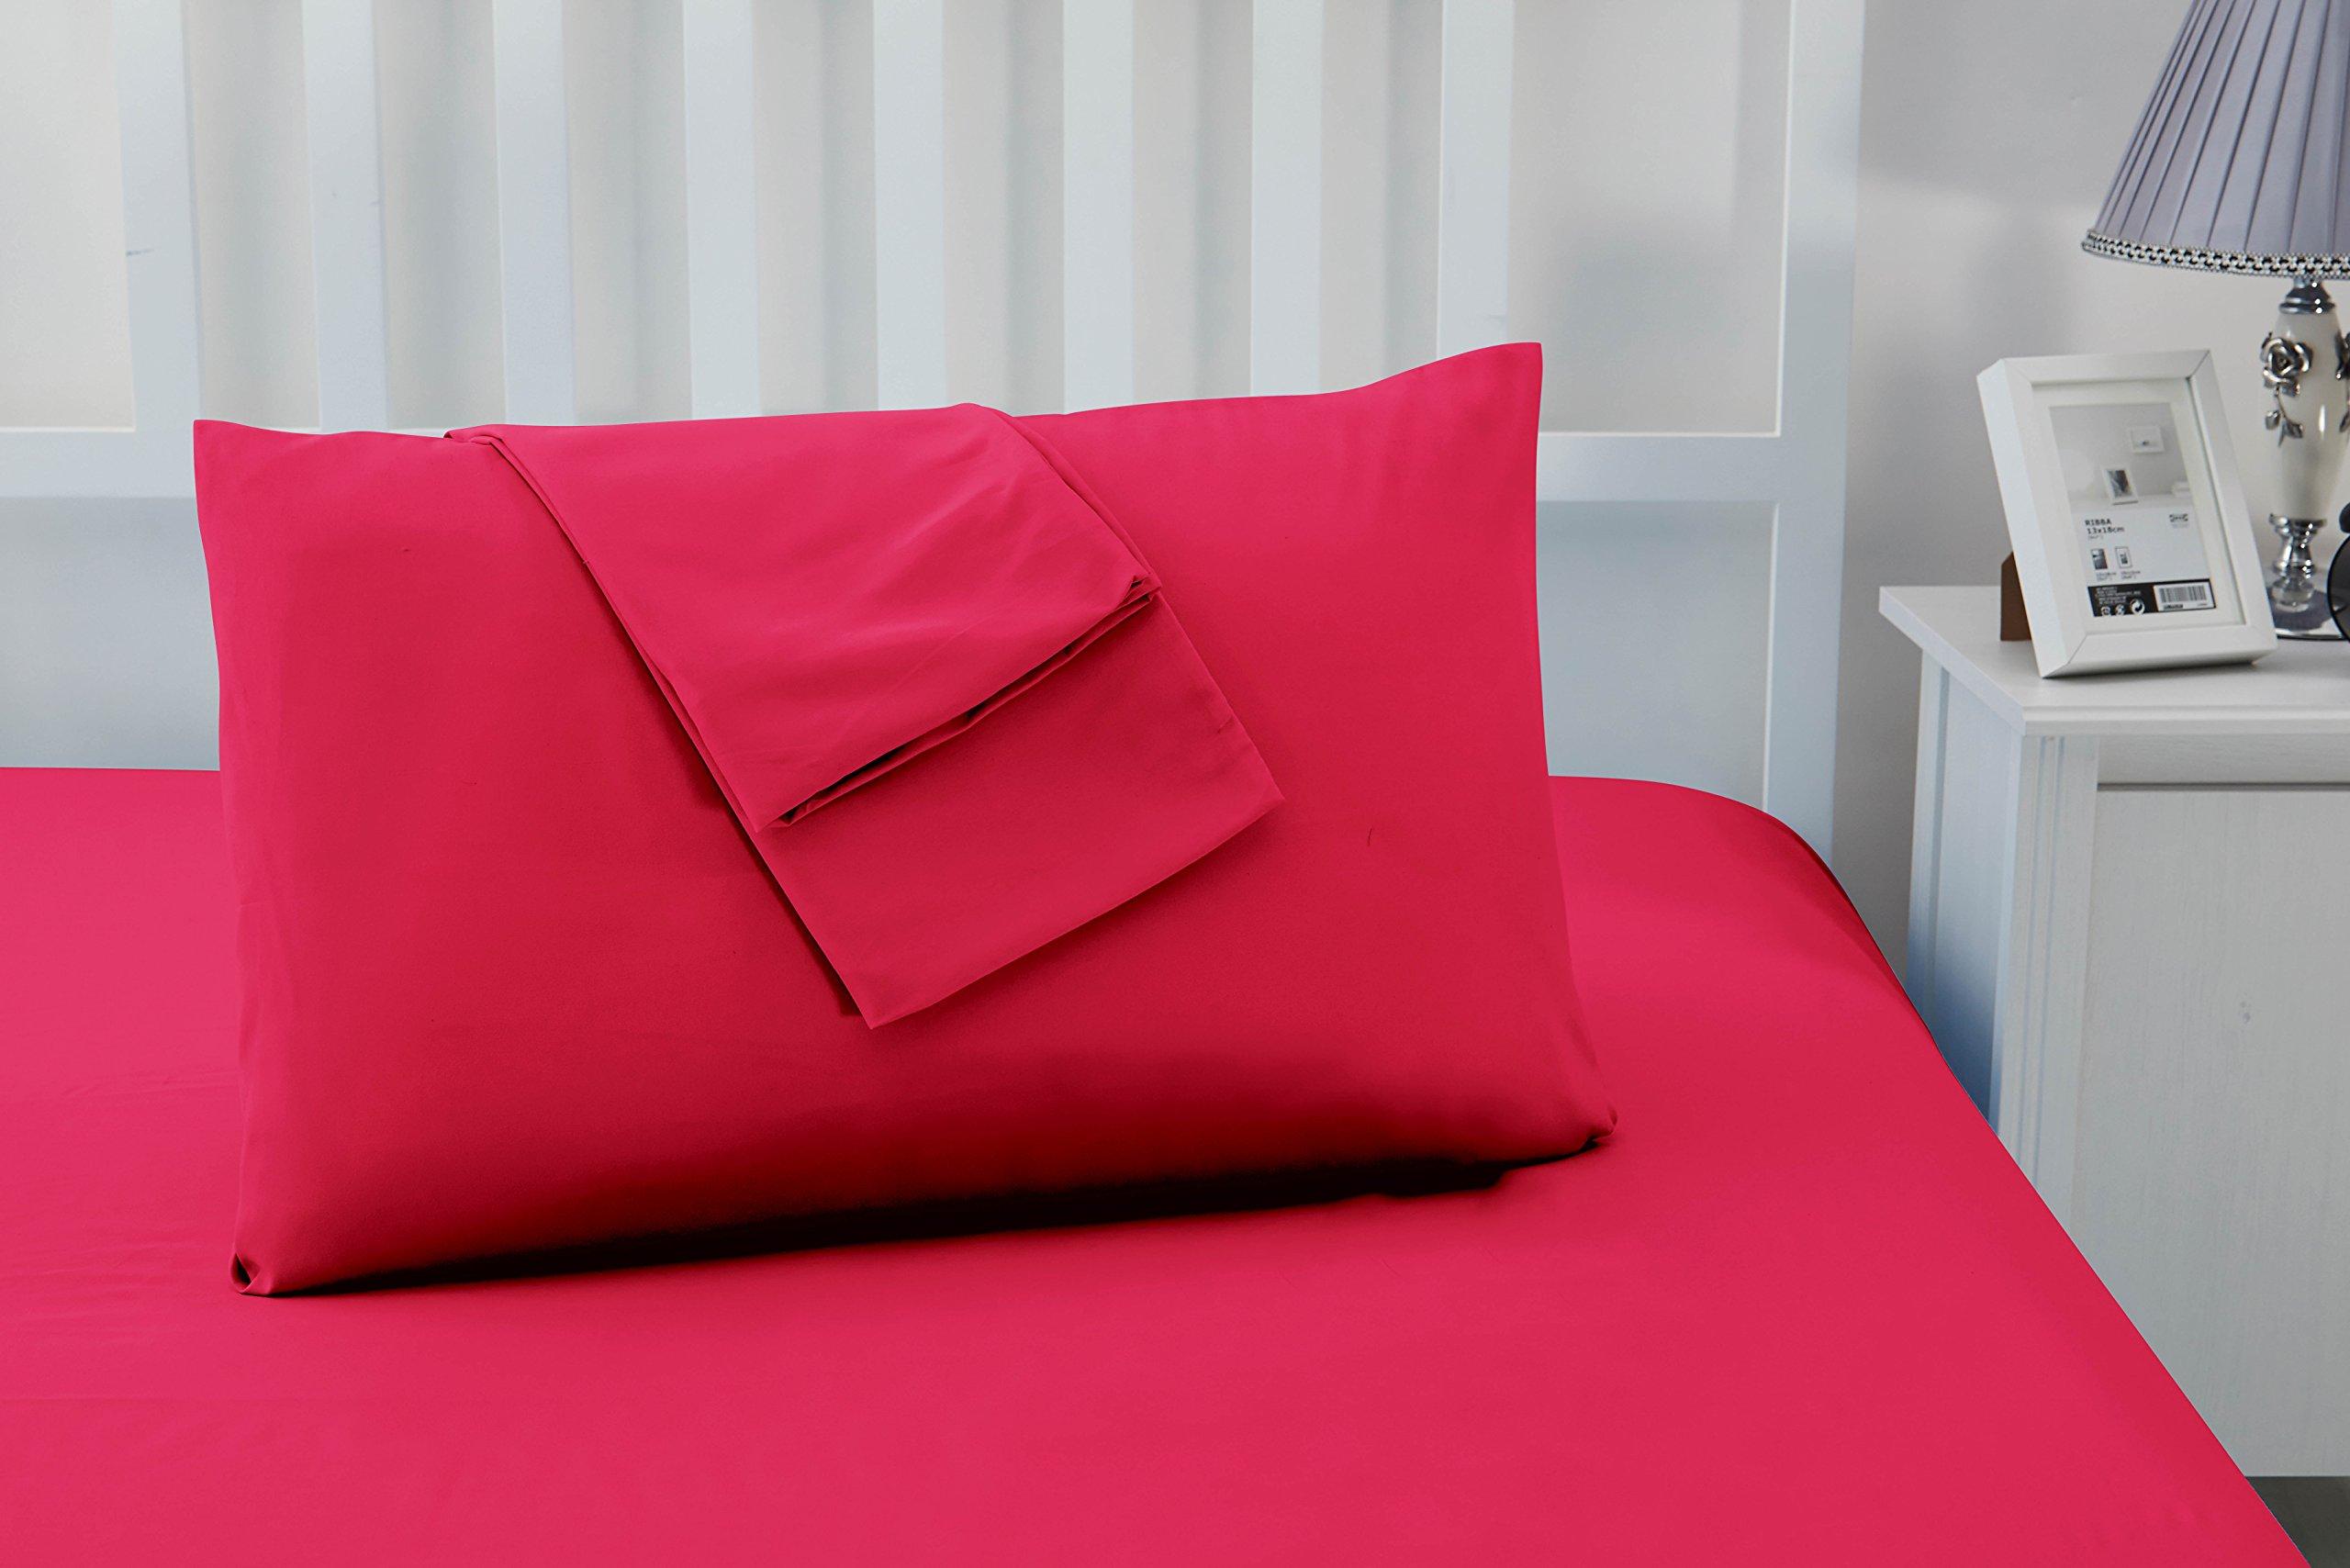 Juego de 2 Luxury Non hierro suave microfibra fundas de almohada por Sonia moer: Amazon.es: Hogar